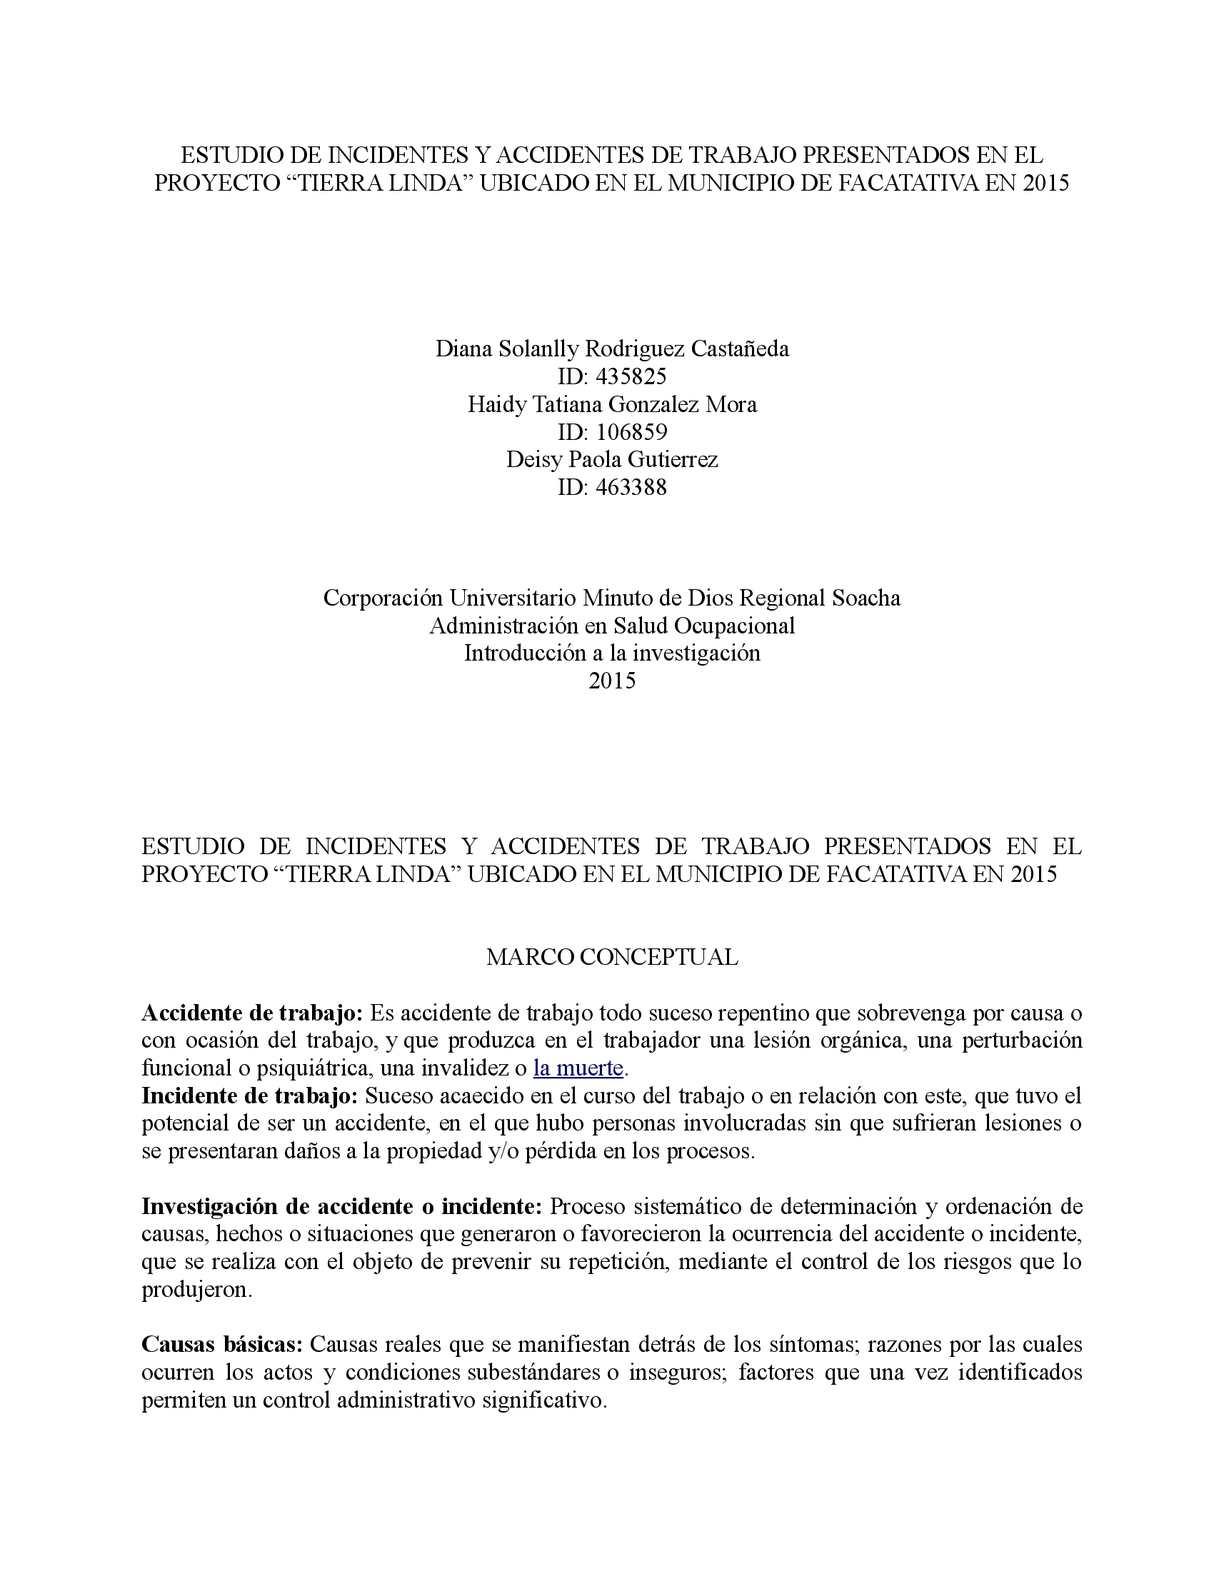 Calaméo - Estudio De Incidentes Y Accidentes De Trabajo Presentados ...